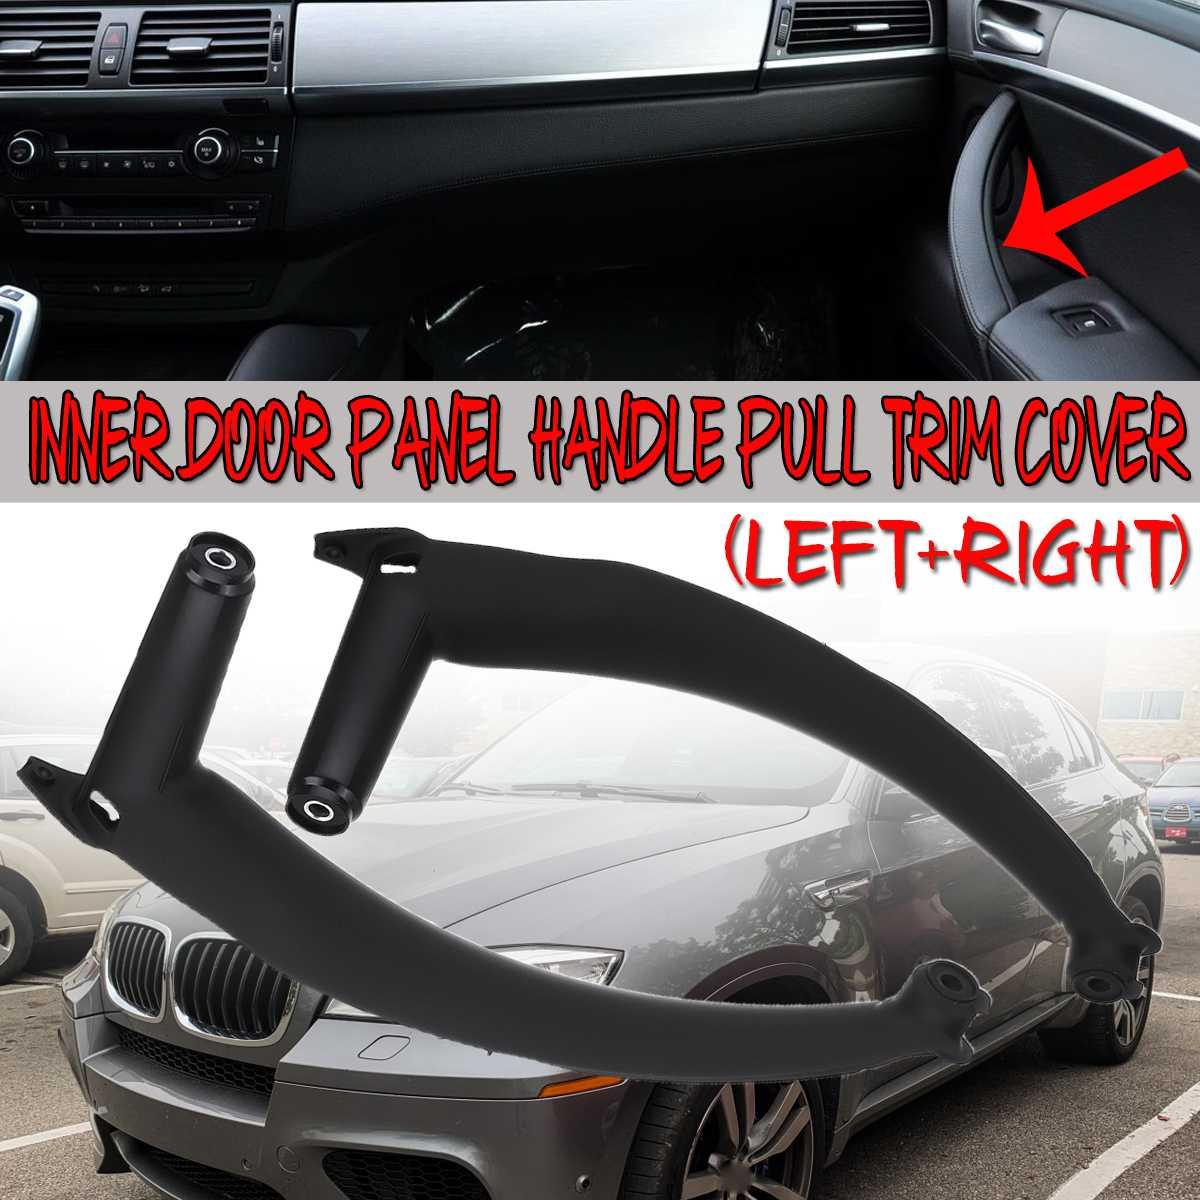 Alta Qualidade Interior Maçaneta Da Porta Do Carro Para BMW E70 X5 SAV 2007-13 E71/E72 X6 SAV 2008 -14 interior Painel Da Porta Pull Handle Guarnição Da Tampa